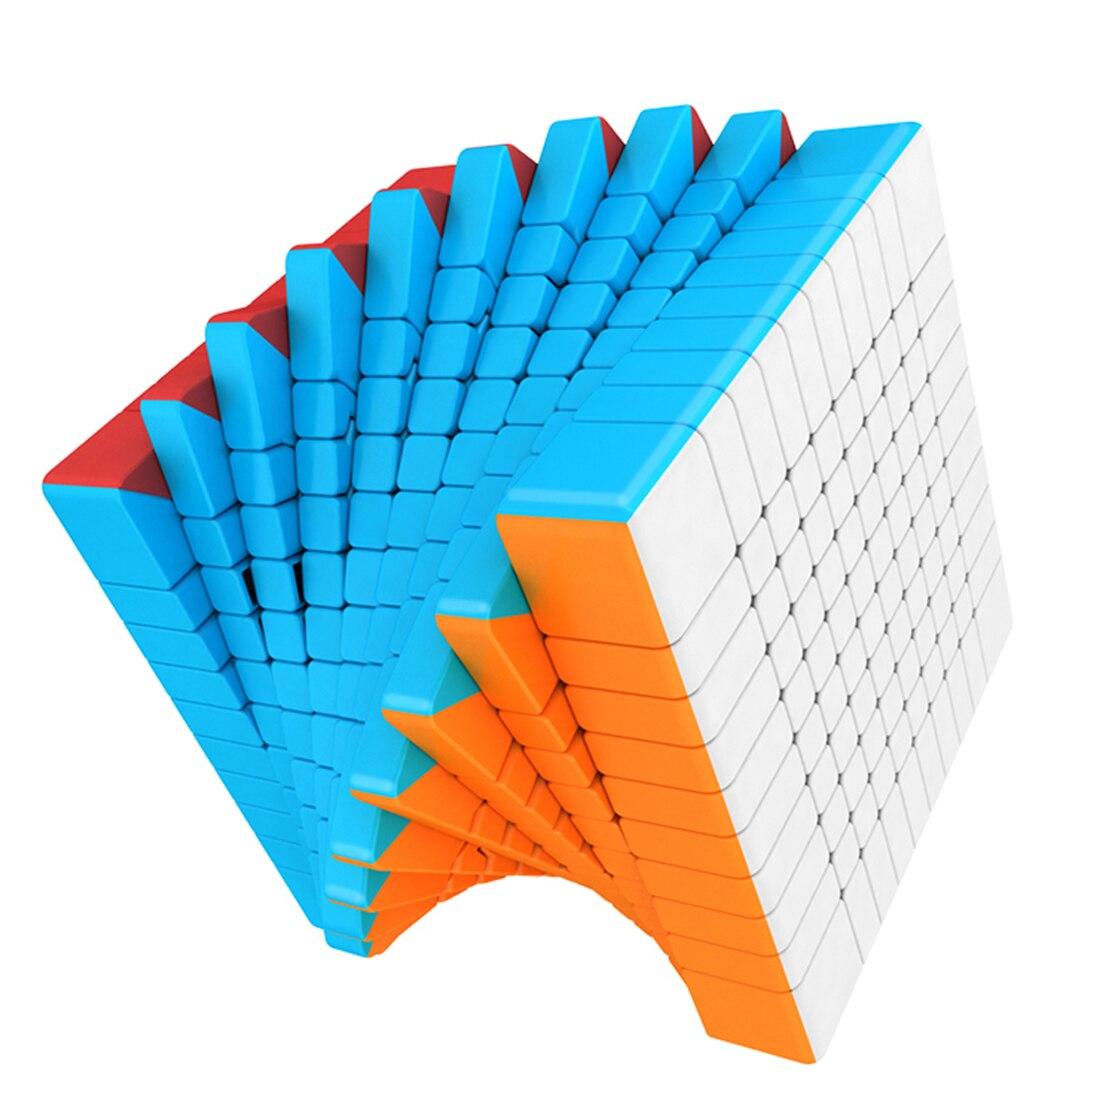 Surwish MF8865 Cubing salle de classe Meilong10 10x10x10 Cube magique 10x10 Cubes de vitesse jouets pour enfants cadeau 2019